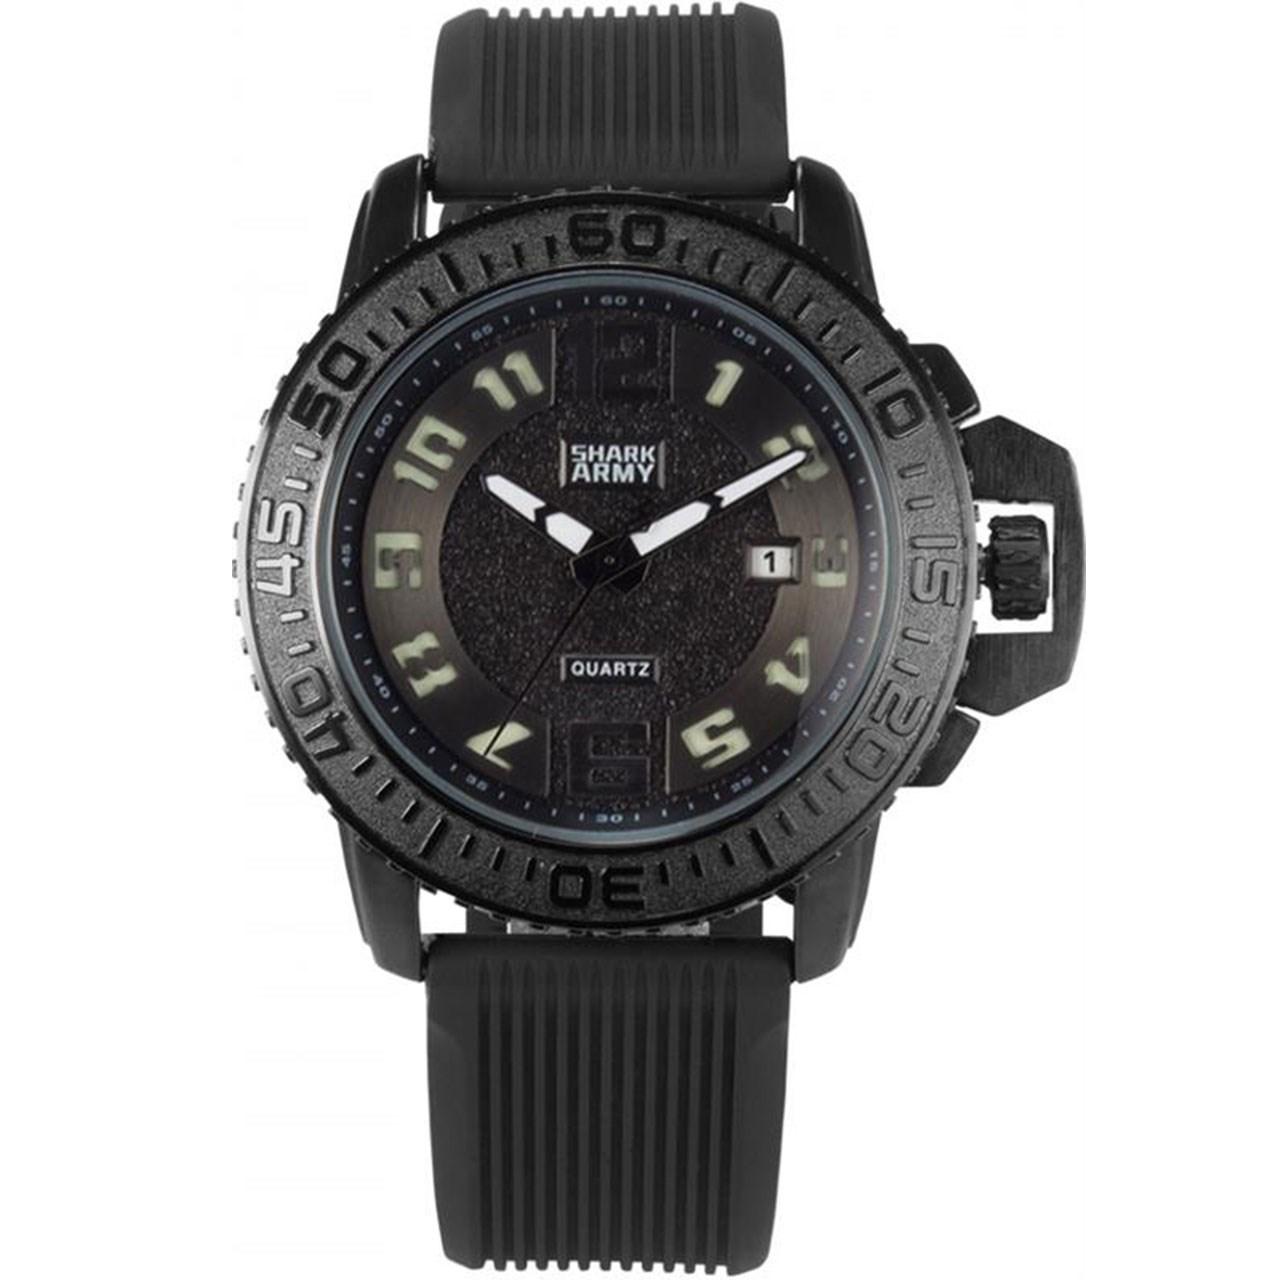 ساعت مچی عقربه ای مردانه شارک آرمی مدل SAW180 47